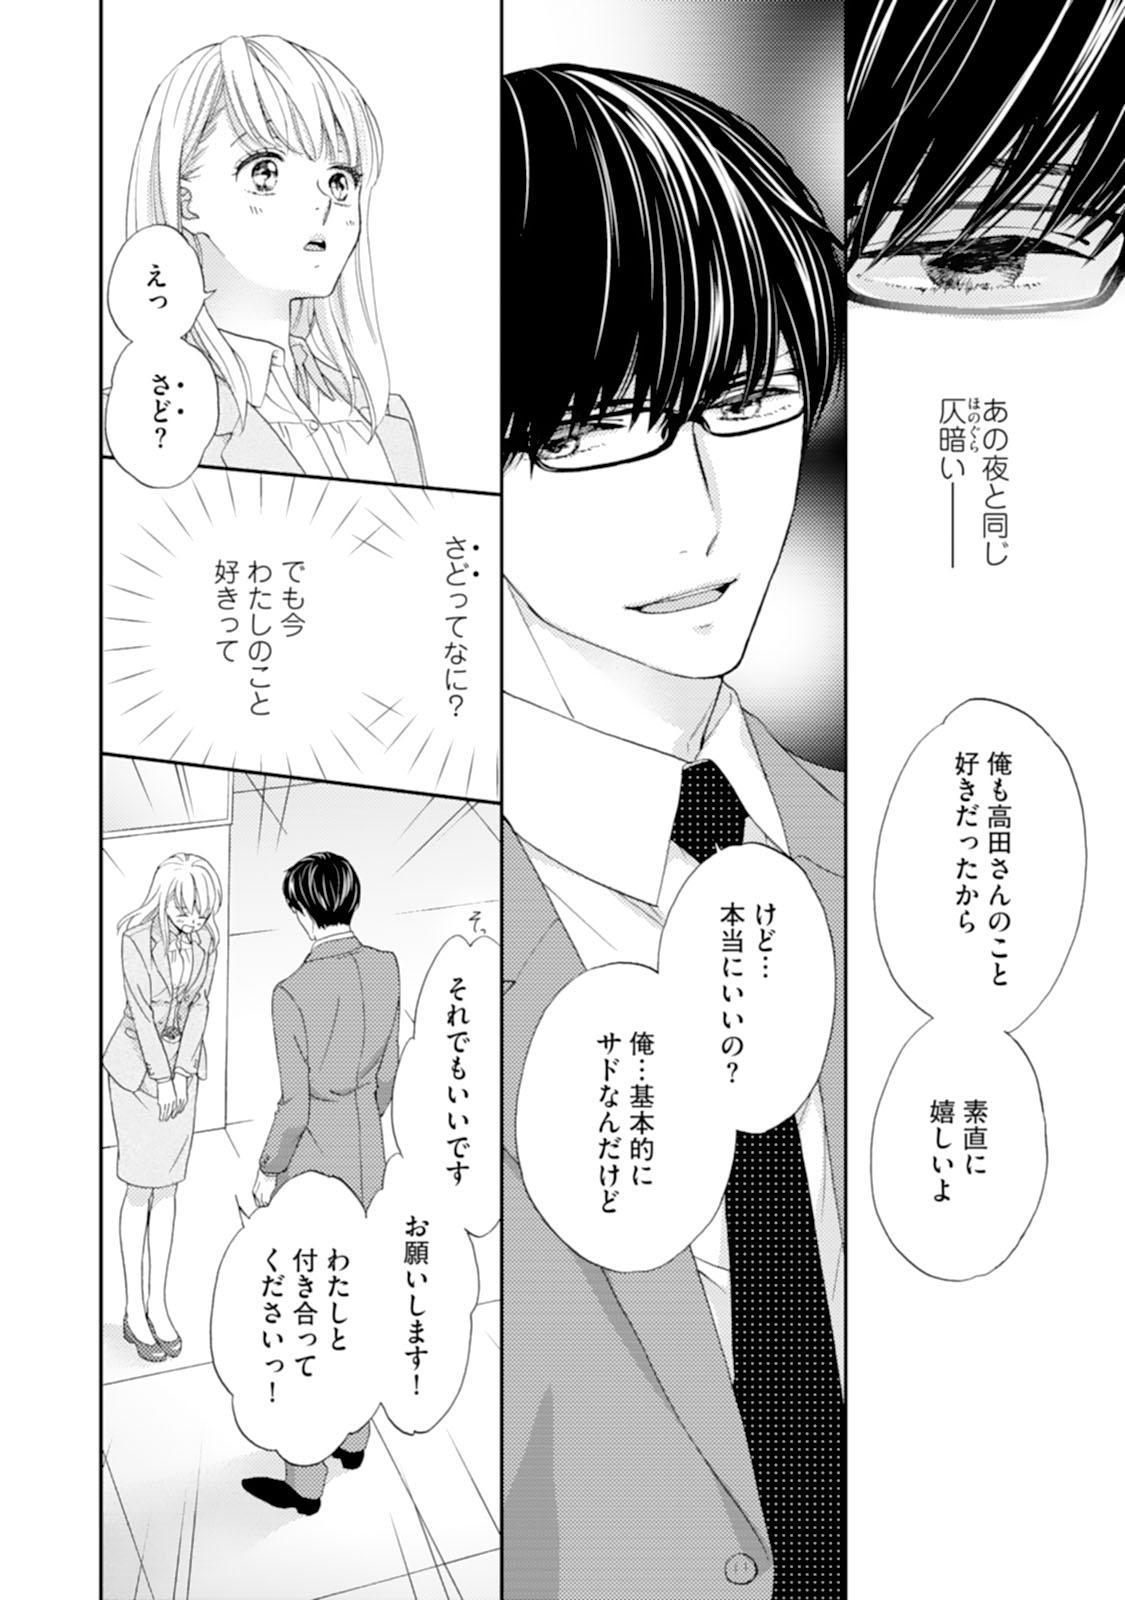 [Adumi Yuu] Choukyou-kei Danshi Ookami-sama to Koneko-chan Ch. 1-3 34